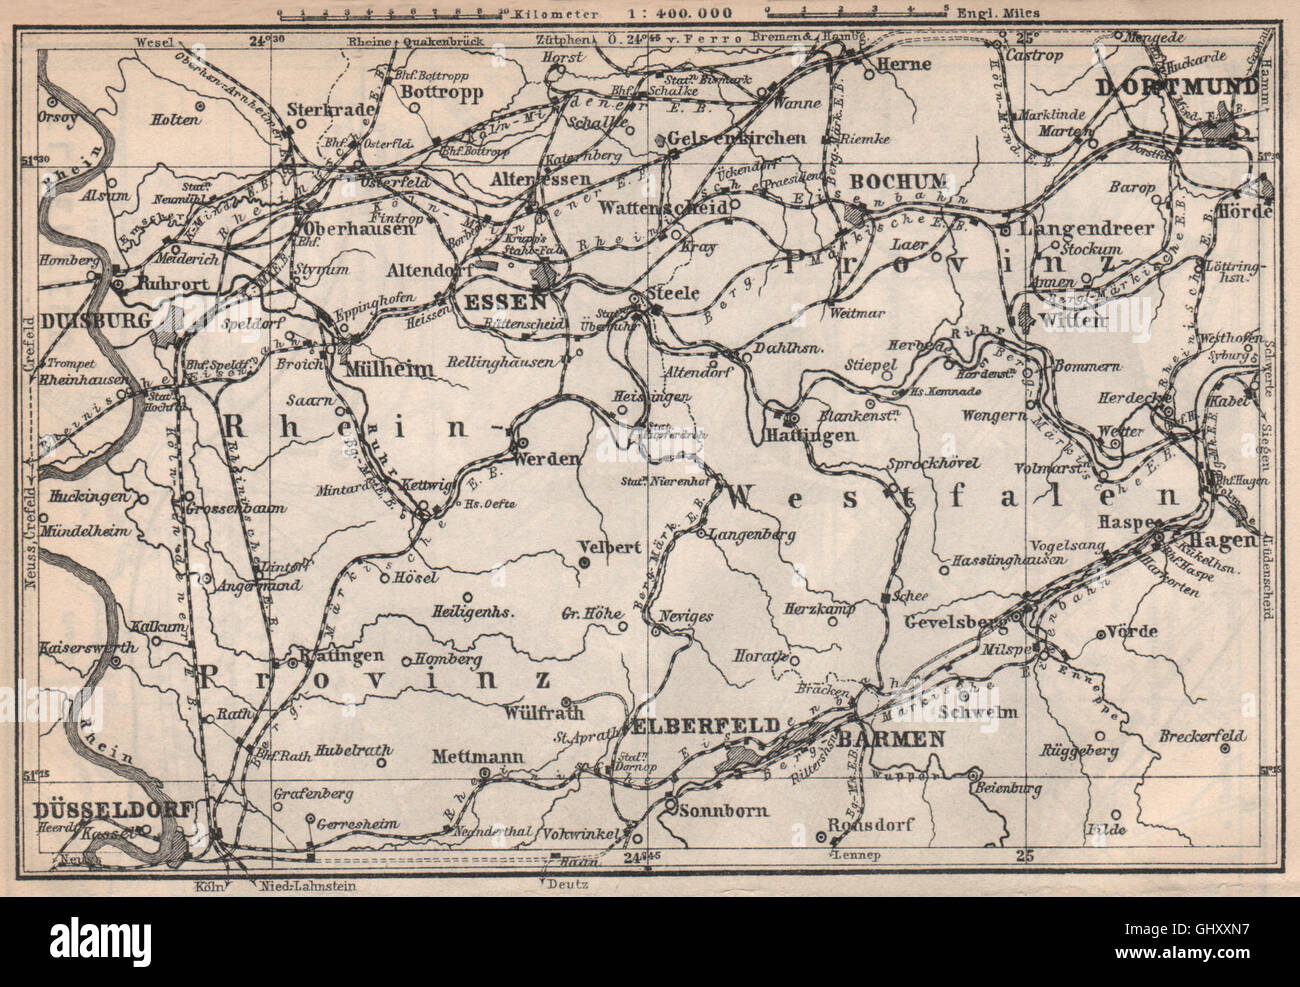 Karte Ruhrgebiet.Ruhrgebiet Ruhr Eisenbahnen Düsseldorf Duisburg Dortmund Essen